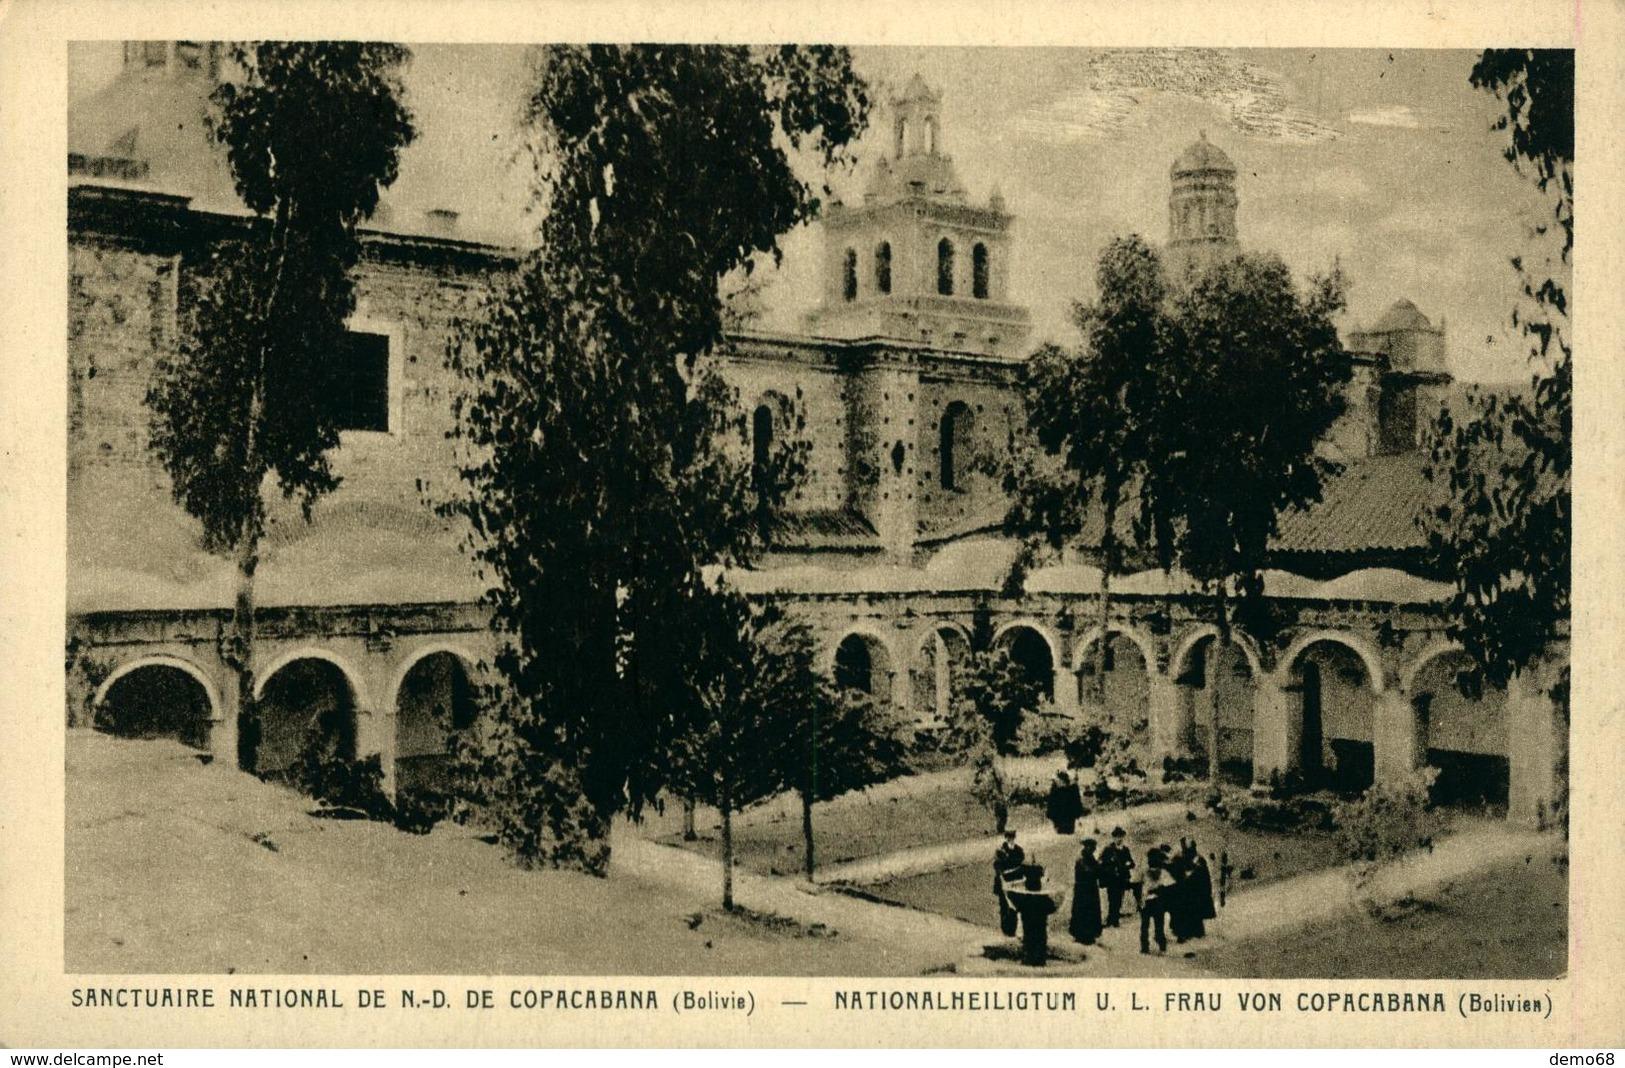 Bolivie Sanctuaire National De Notre Dame De Copacabana  National Hailigtum Ed Braun Mulhouse Dornach - Missions